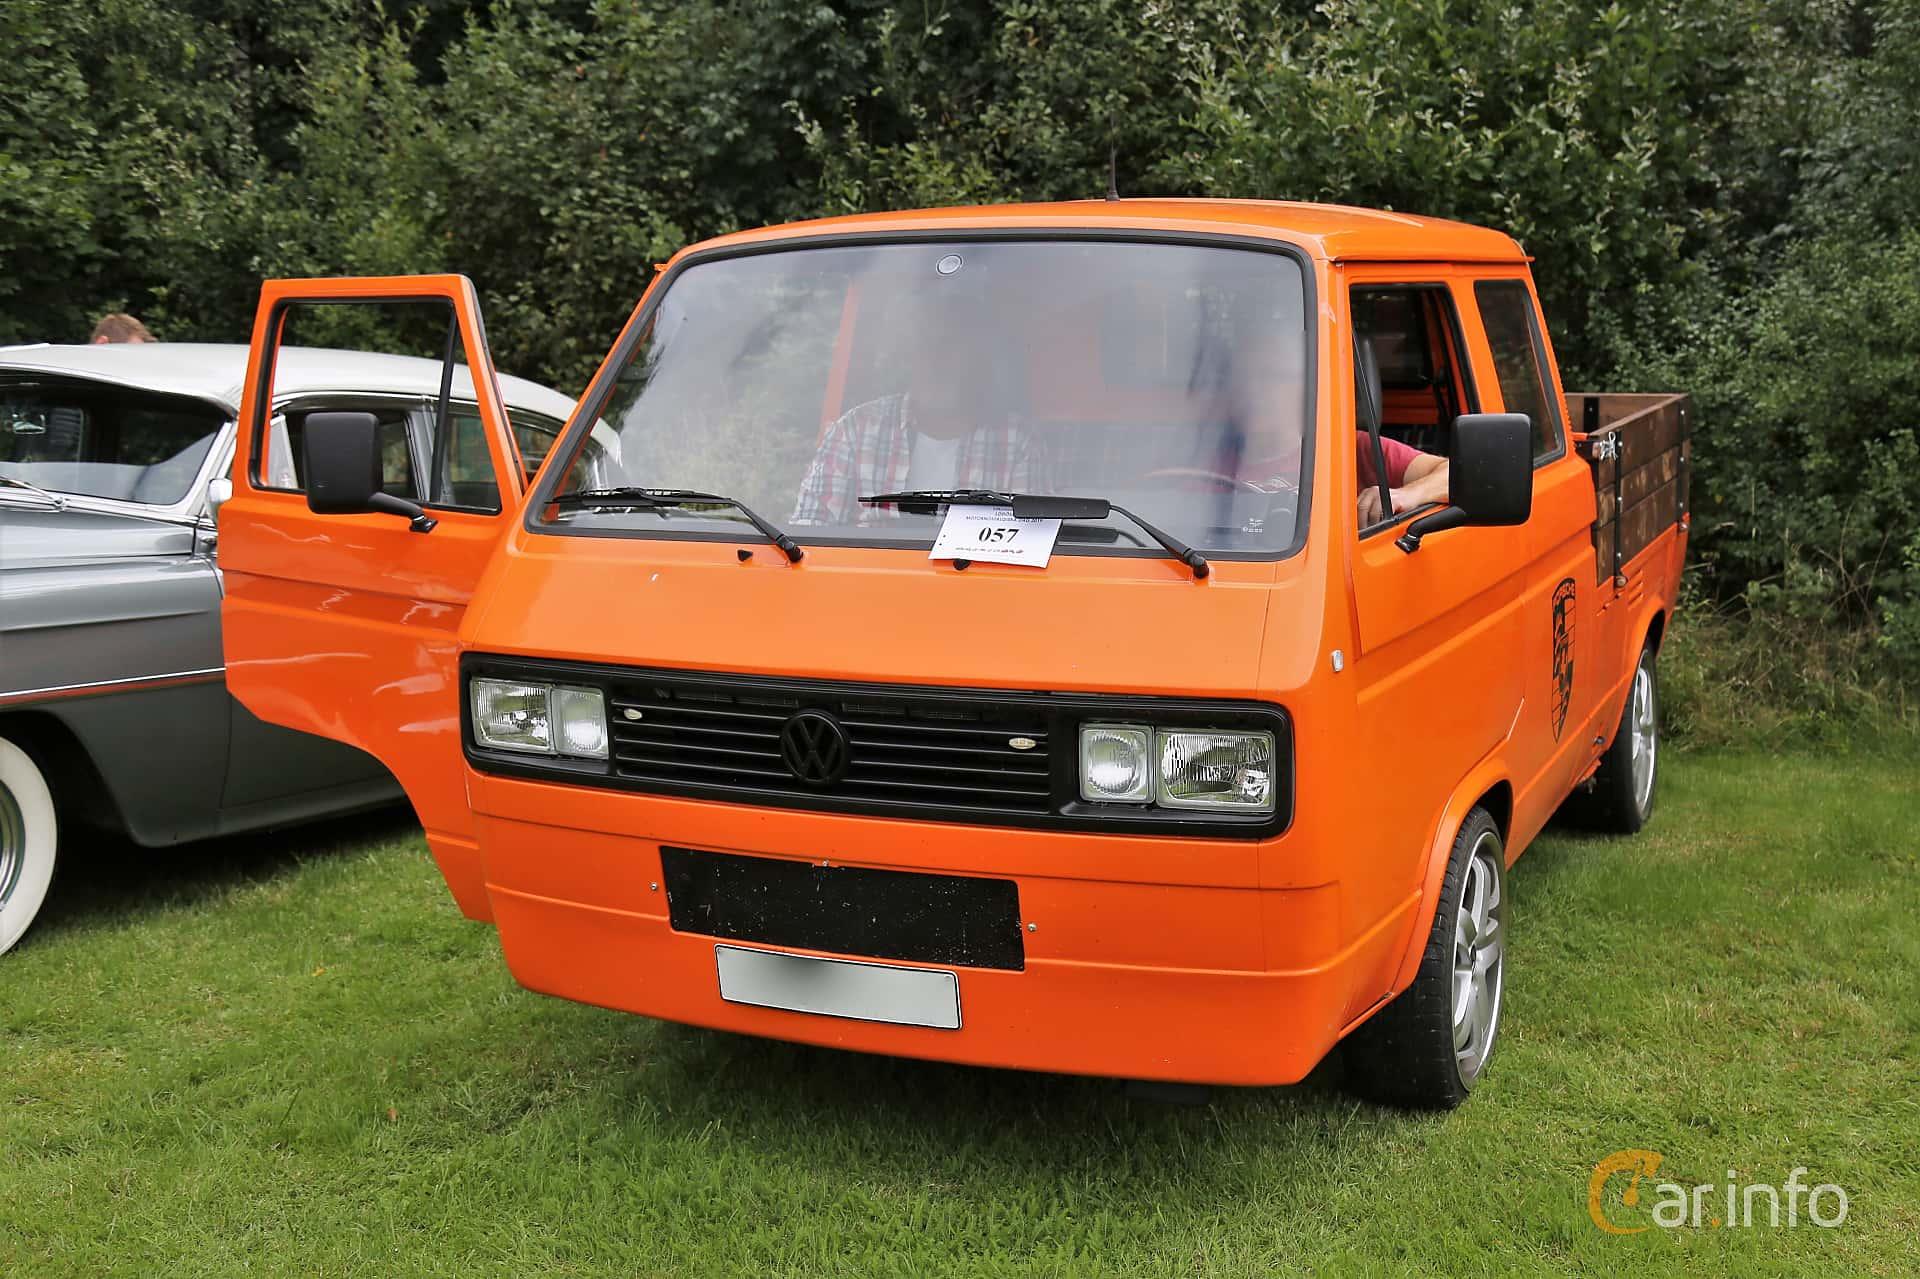 Volkswagen Transporter Chassi 2.1 Manual, 112hp, 1989 at Lödöse motornostalgiska dag 2019